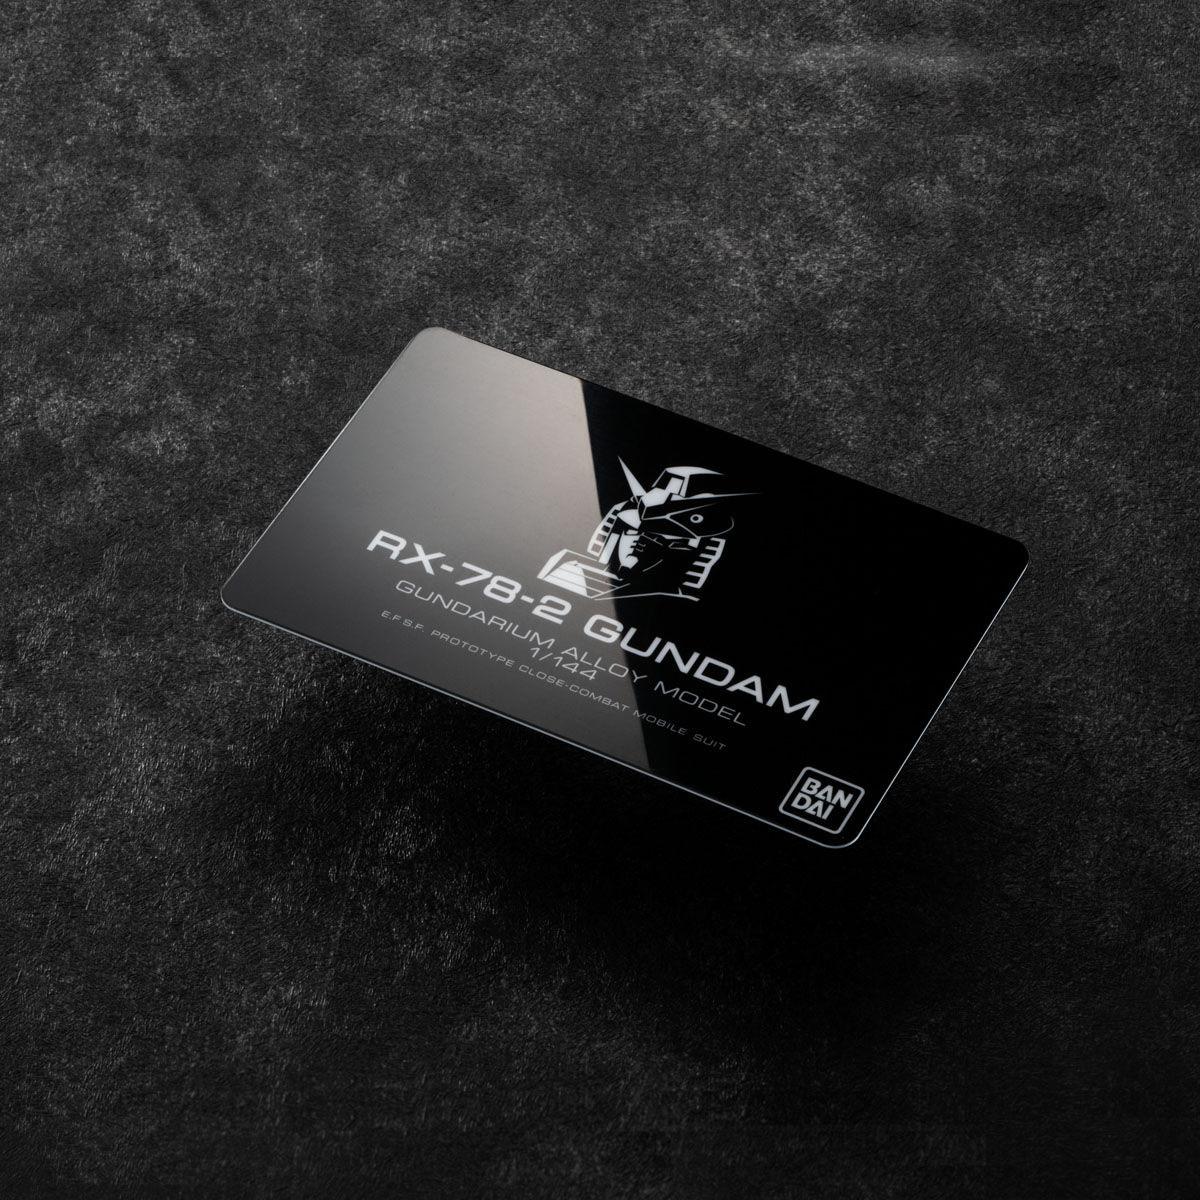 【限定販売】【再販】ガンダリウム合金モデル『RX-78-2 ガンダム』1/144 合金モデル-008